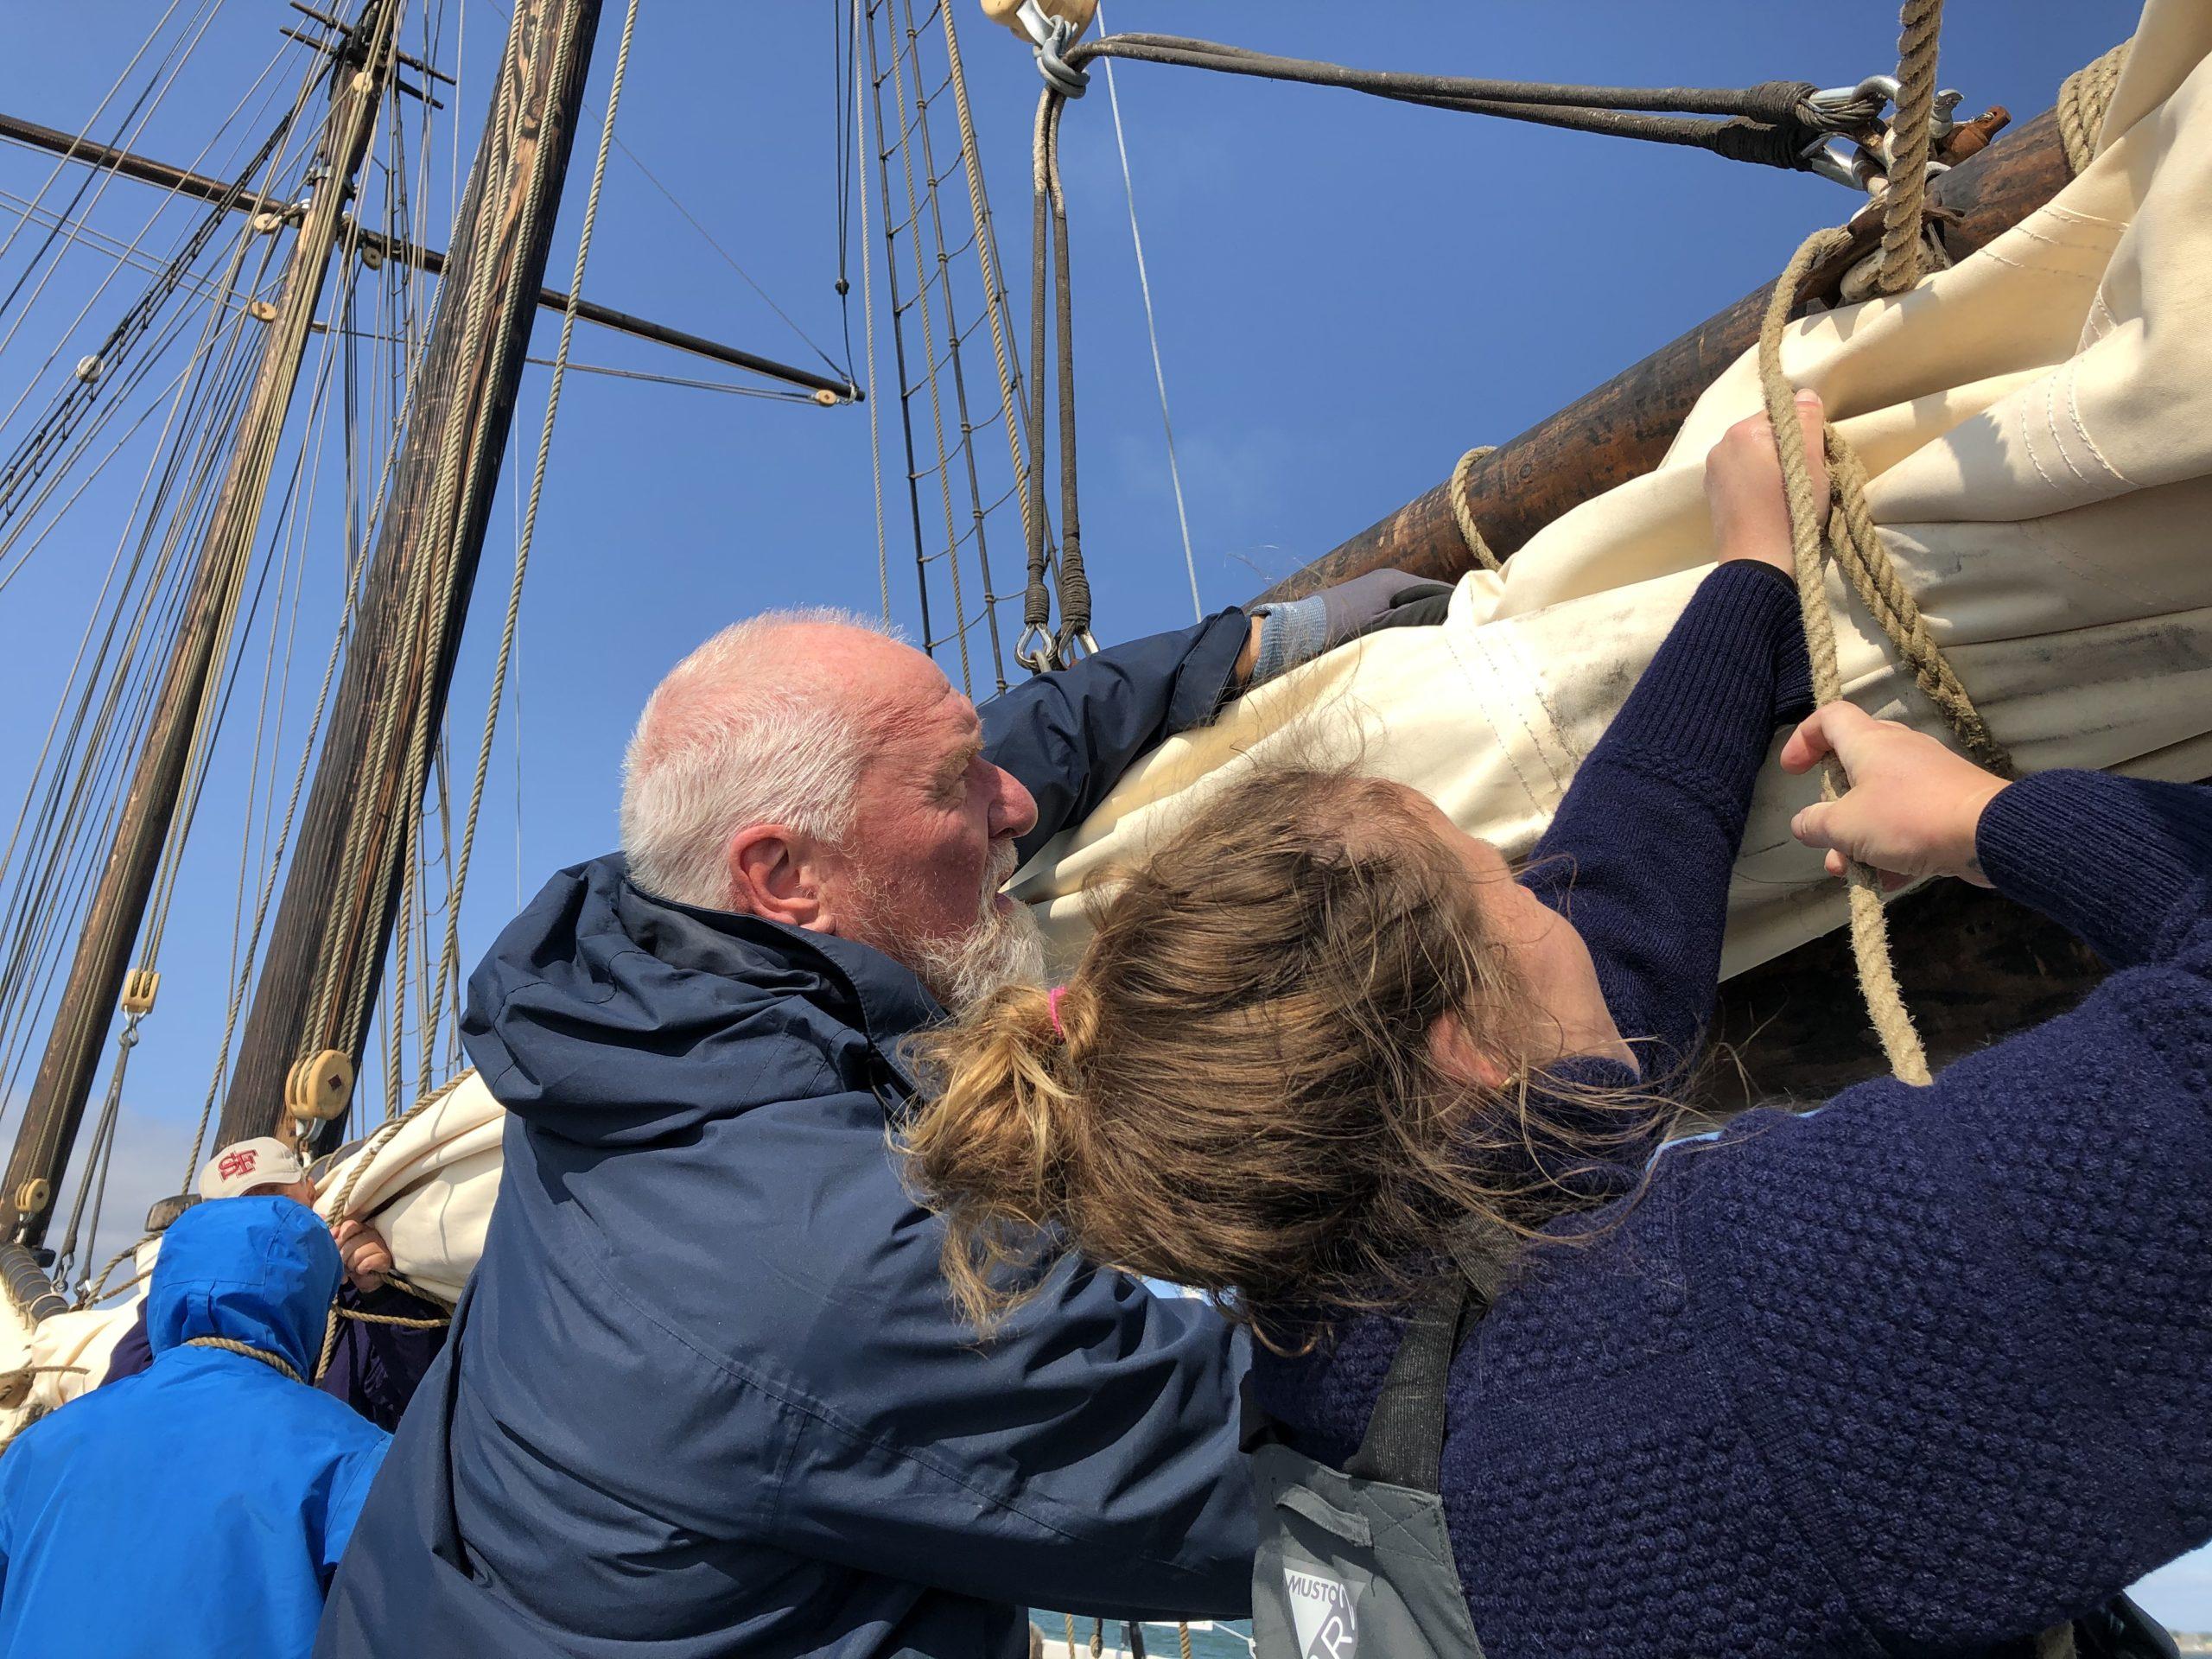 Venner og besætning hjælper hinanden med at pakke sejlet